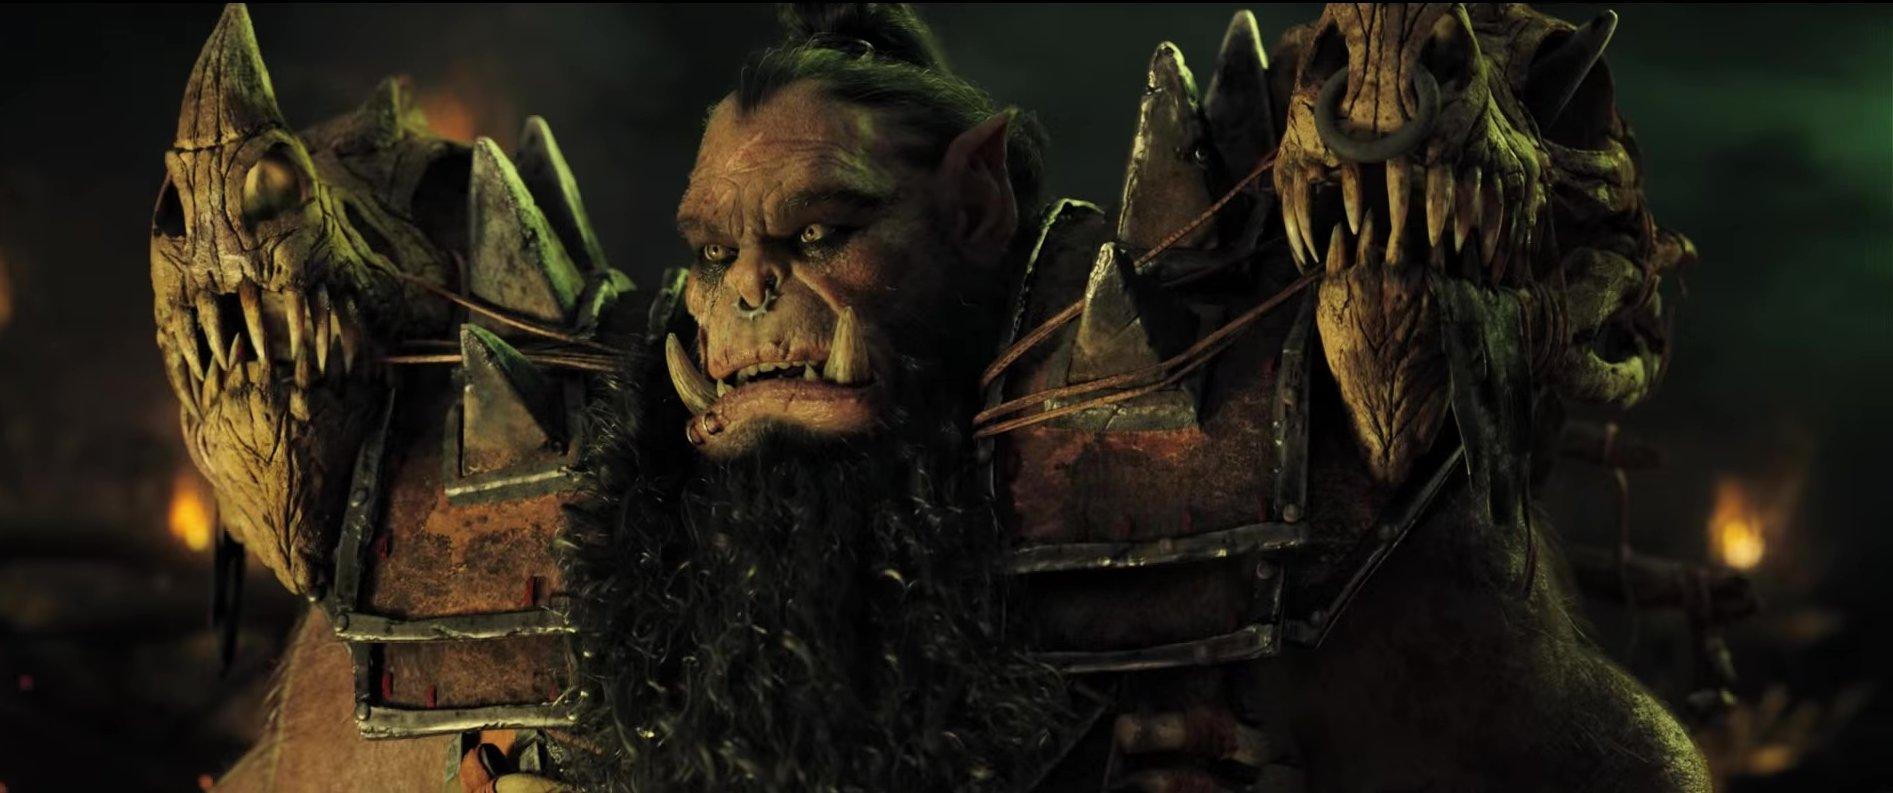 варкрафт фильм обзоры варкрафт продолжение warcraft the movie 2016 disgusting men отвратительные мужики